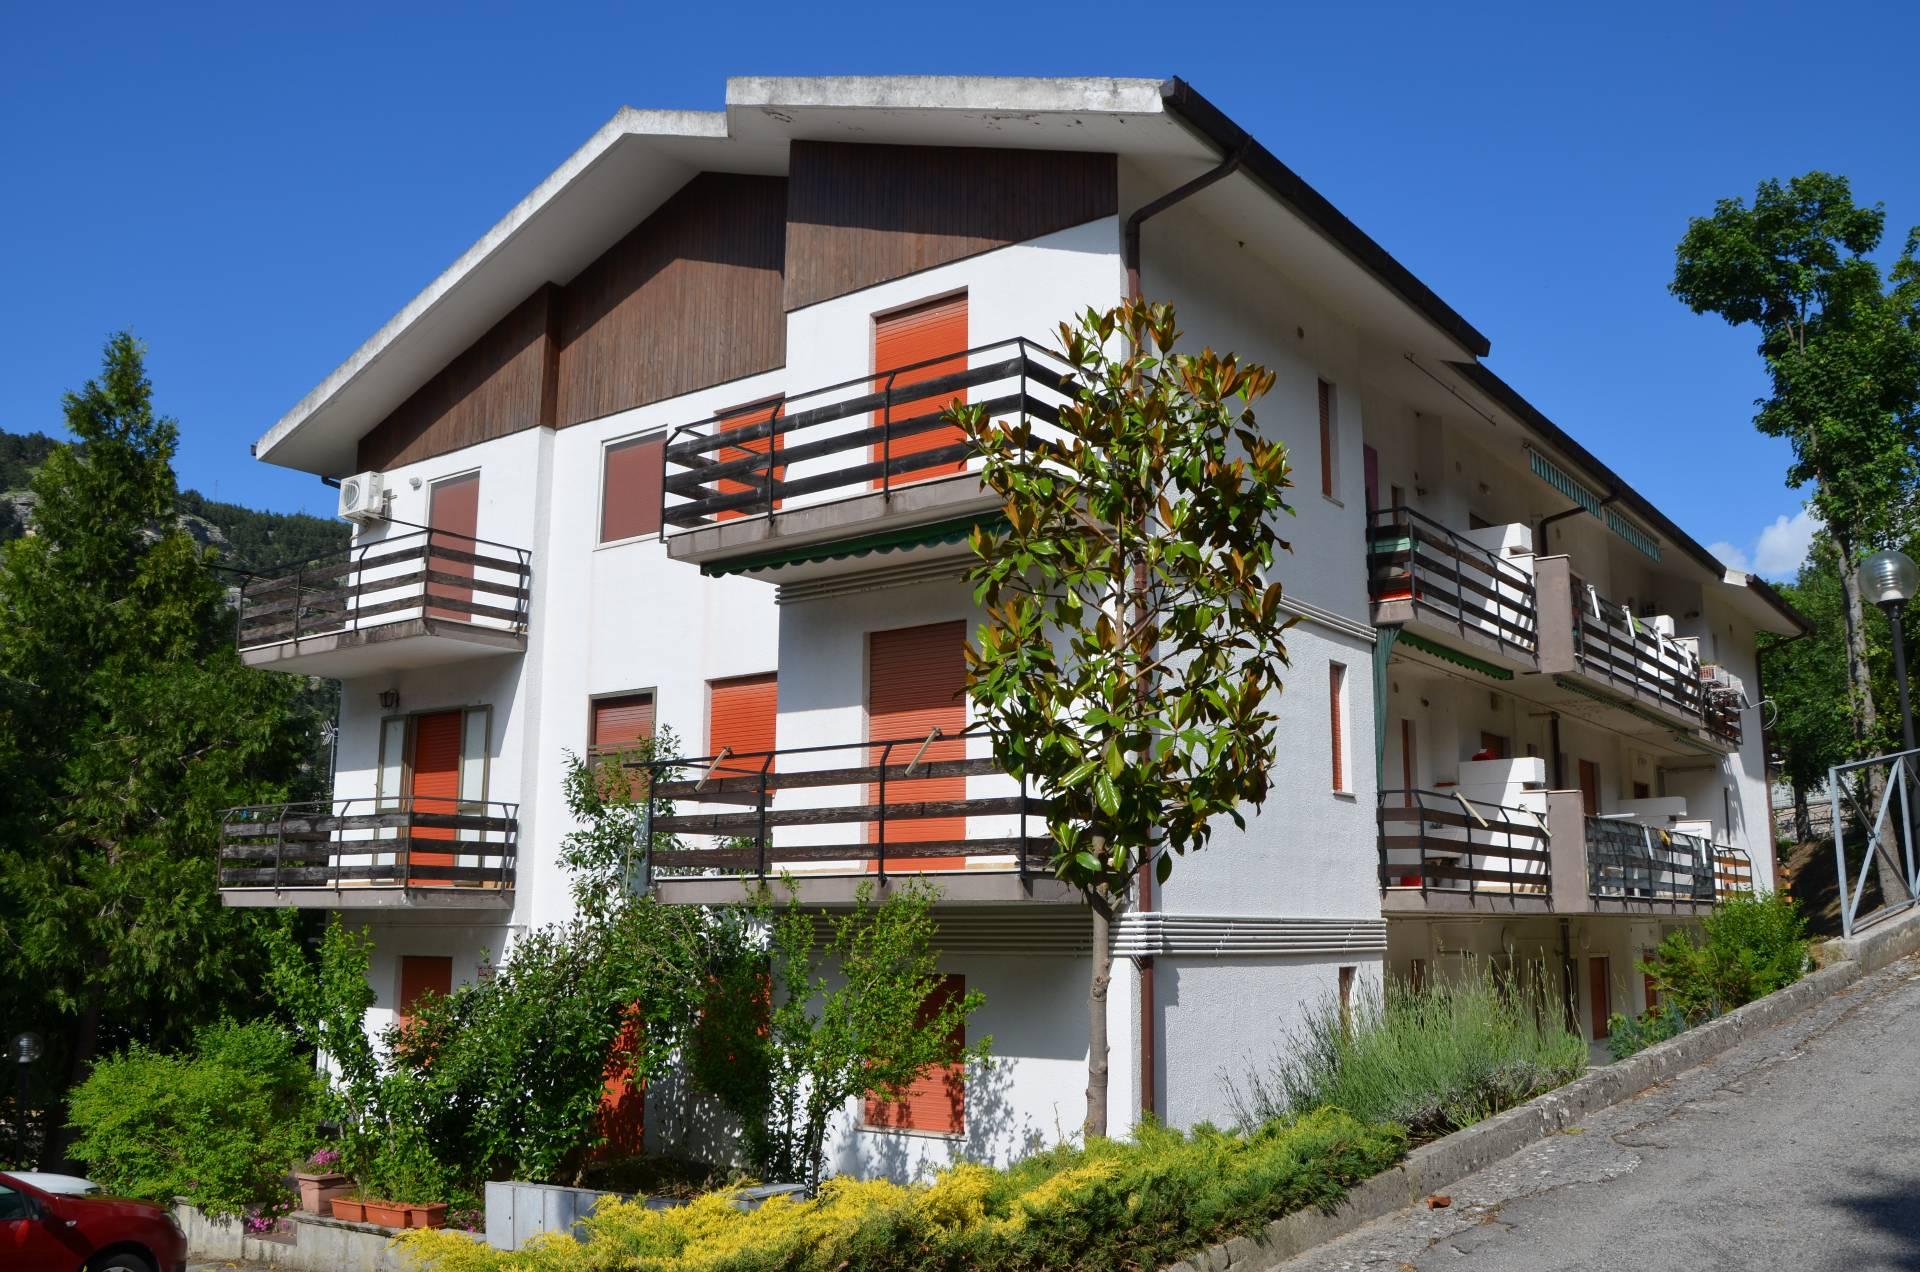 Appartamento in vendita a Caramanico Terme, 3 locali, prezzo € 68.000 | PortaleAgenzieImmobiliari.it